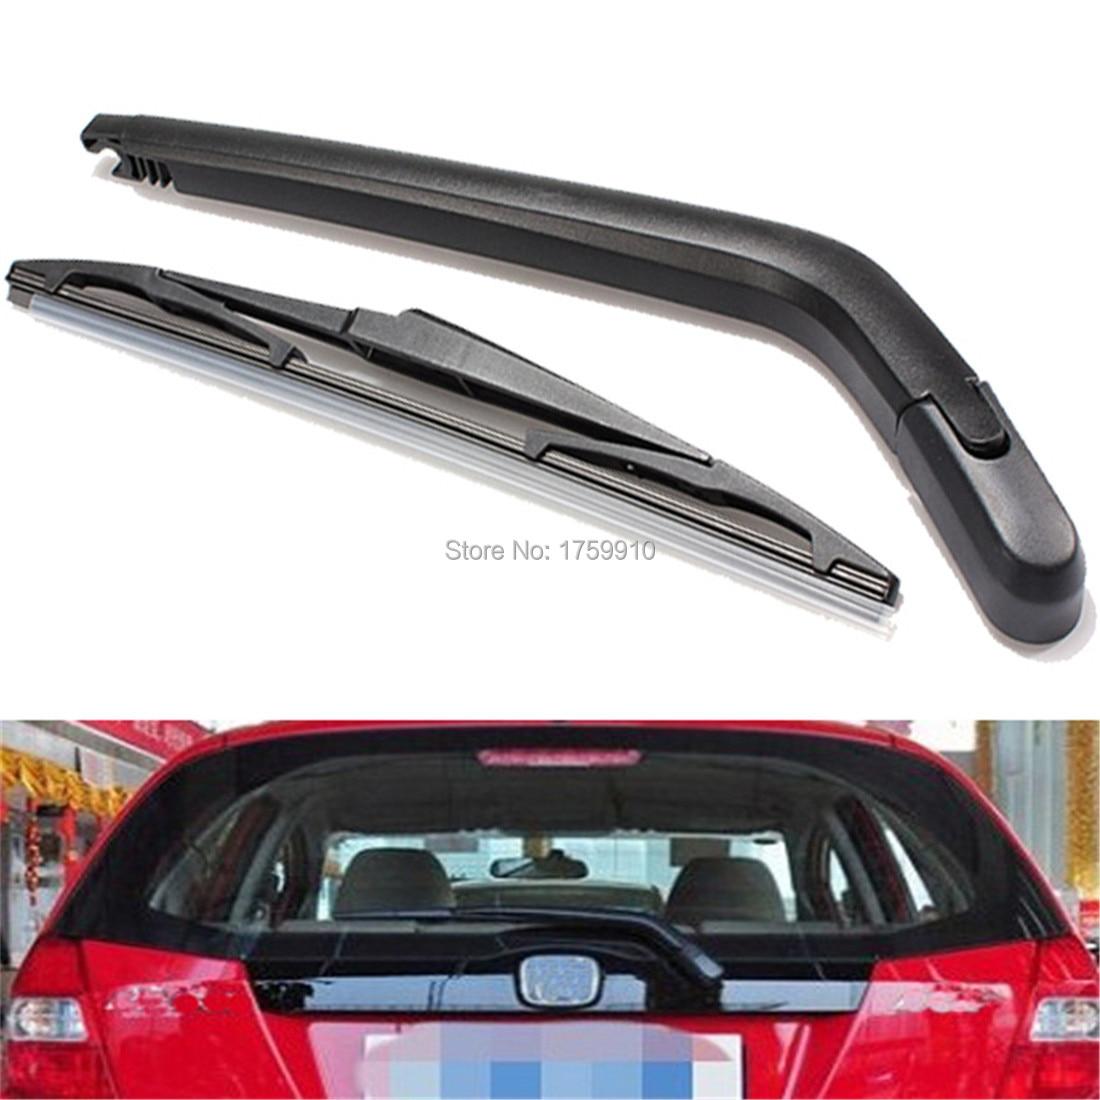 Neue Auto Windschutzscheibe Hinten Wischerarm Und Klinge Für Toyota Yaris/für Vitz 1999 zu 2005